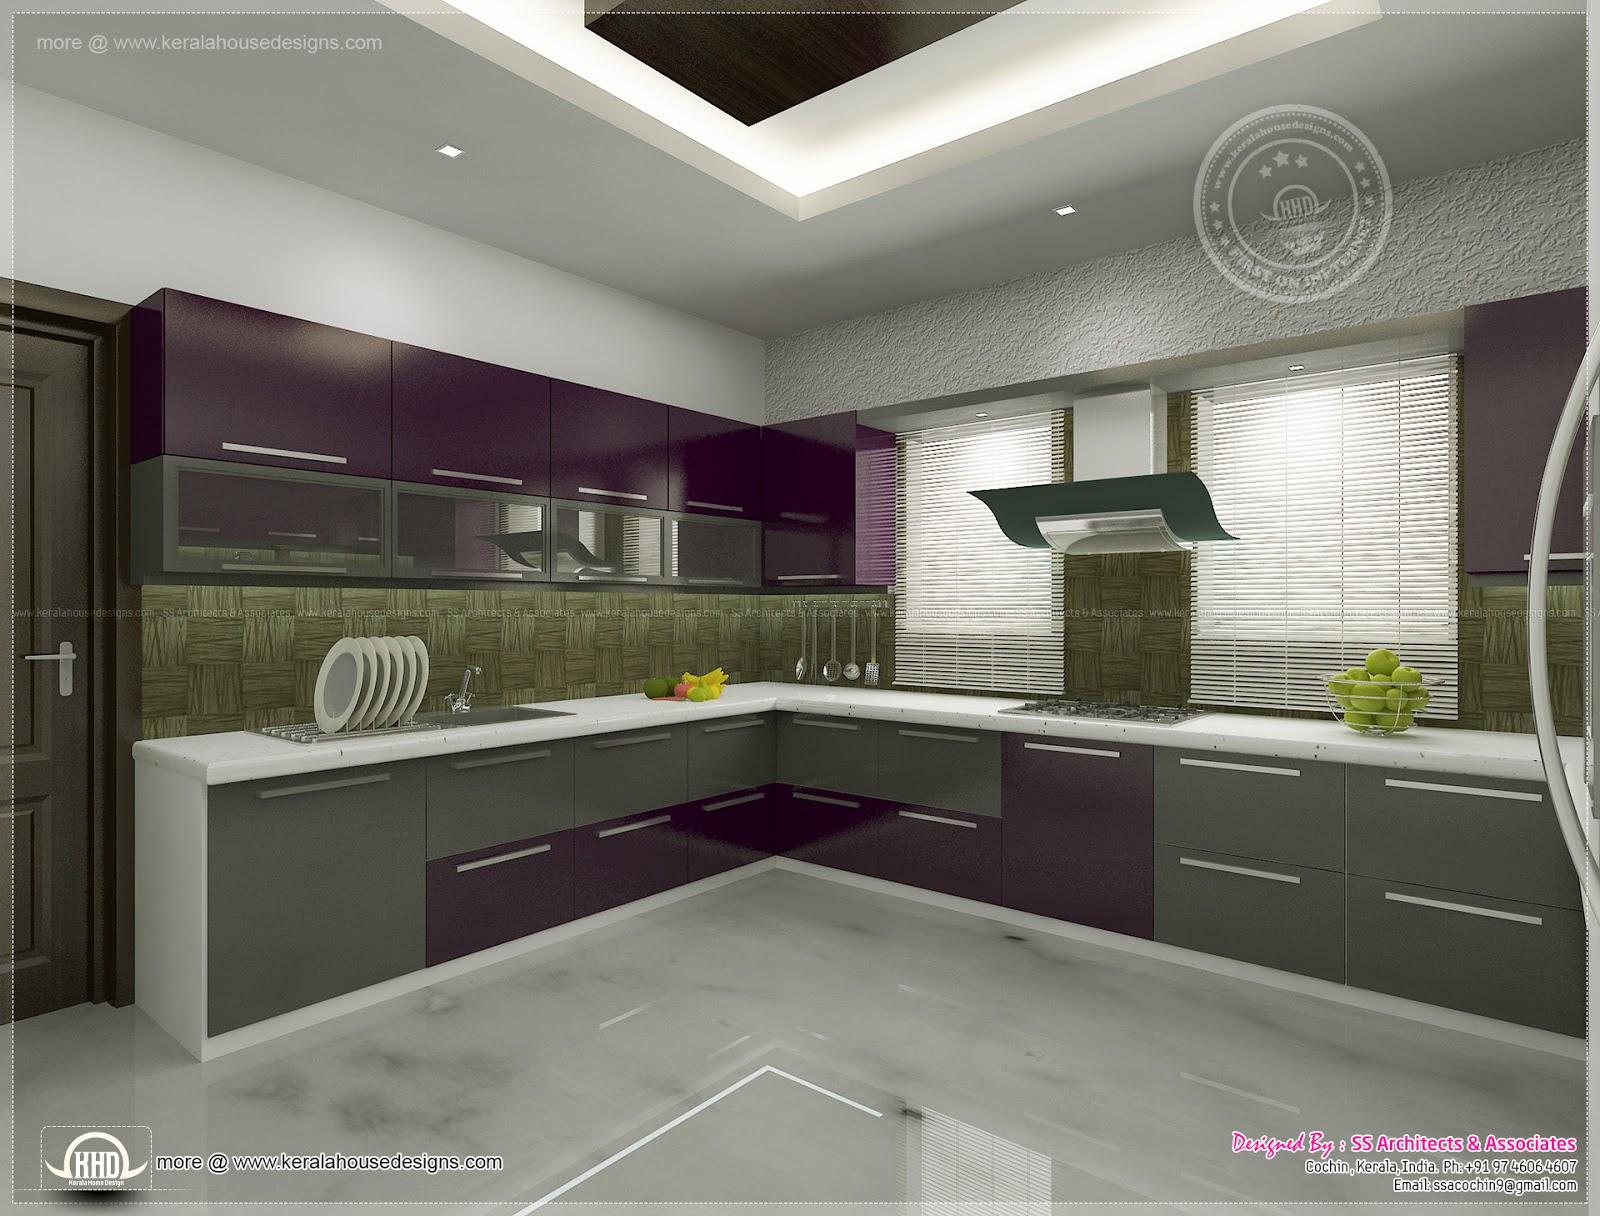 kitchen interior views ss architects cochin home kitchen design display interior exterior plan